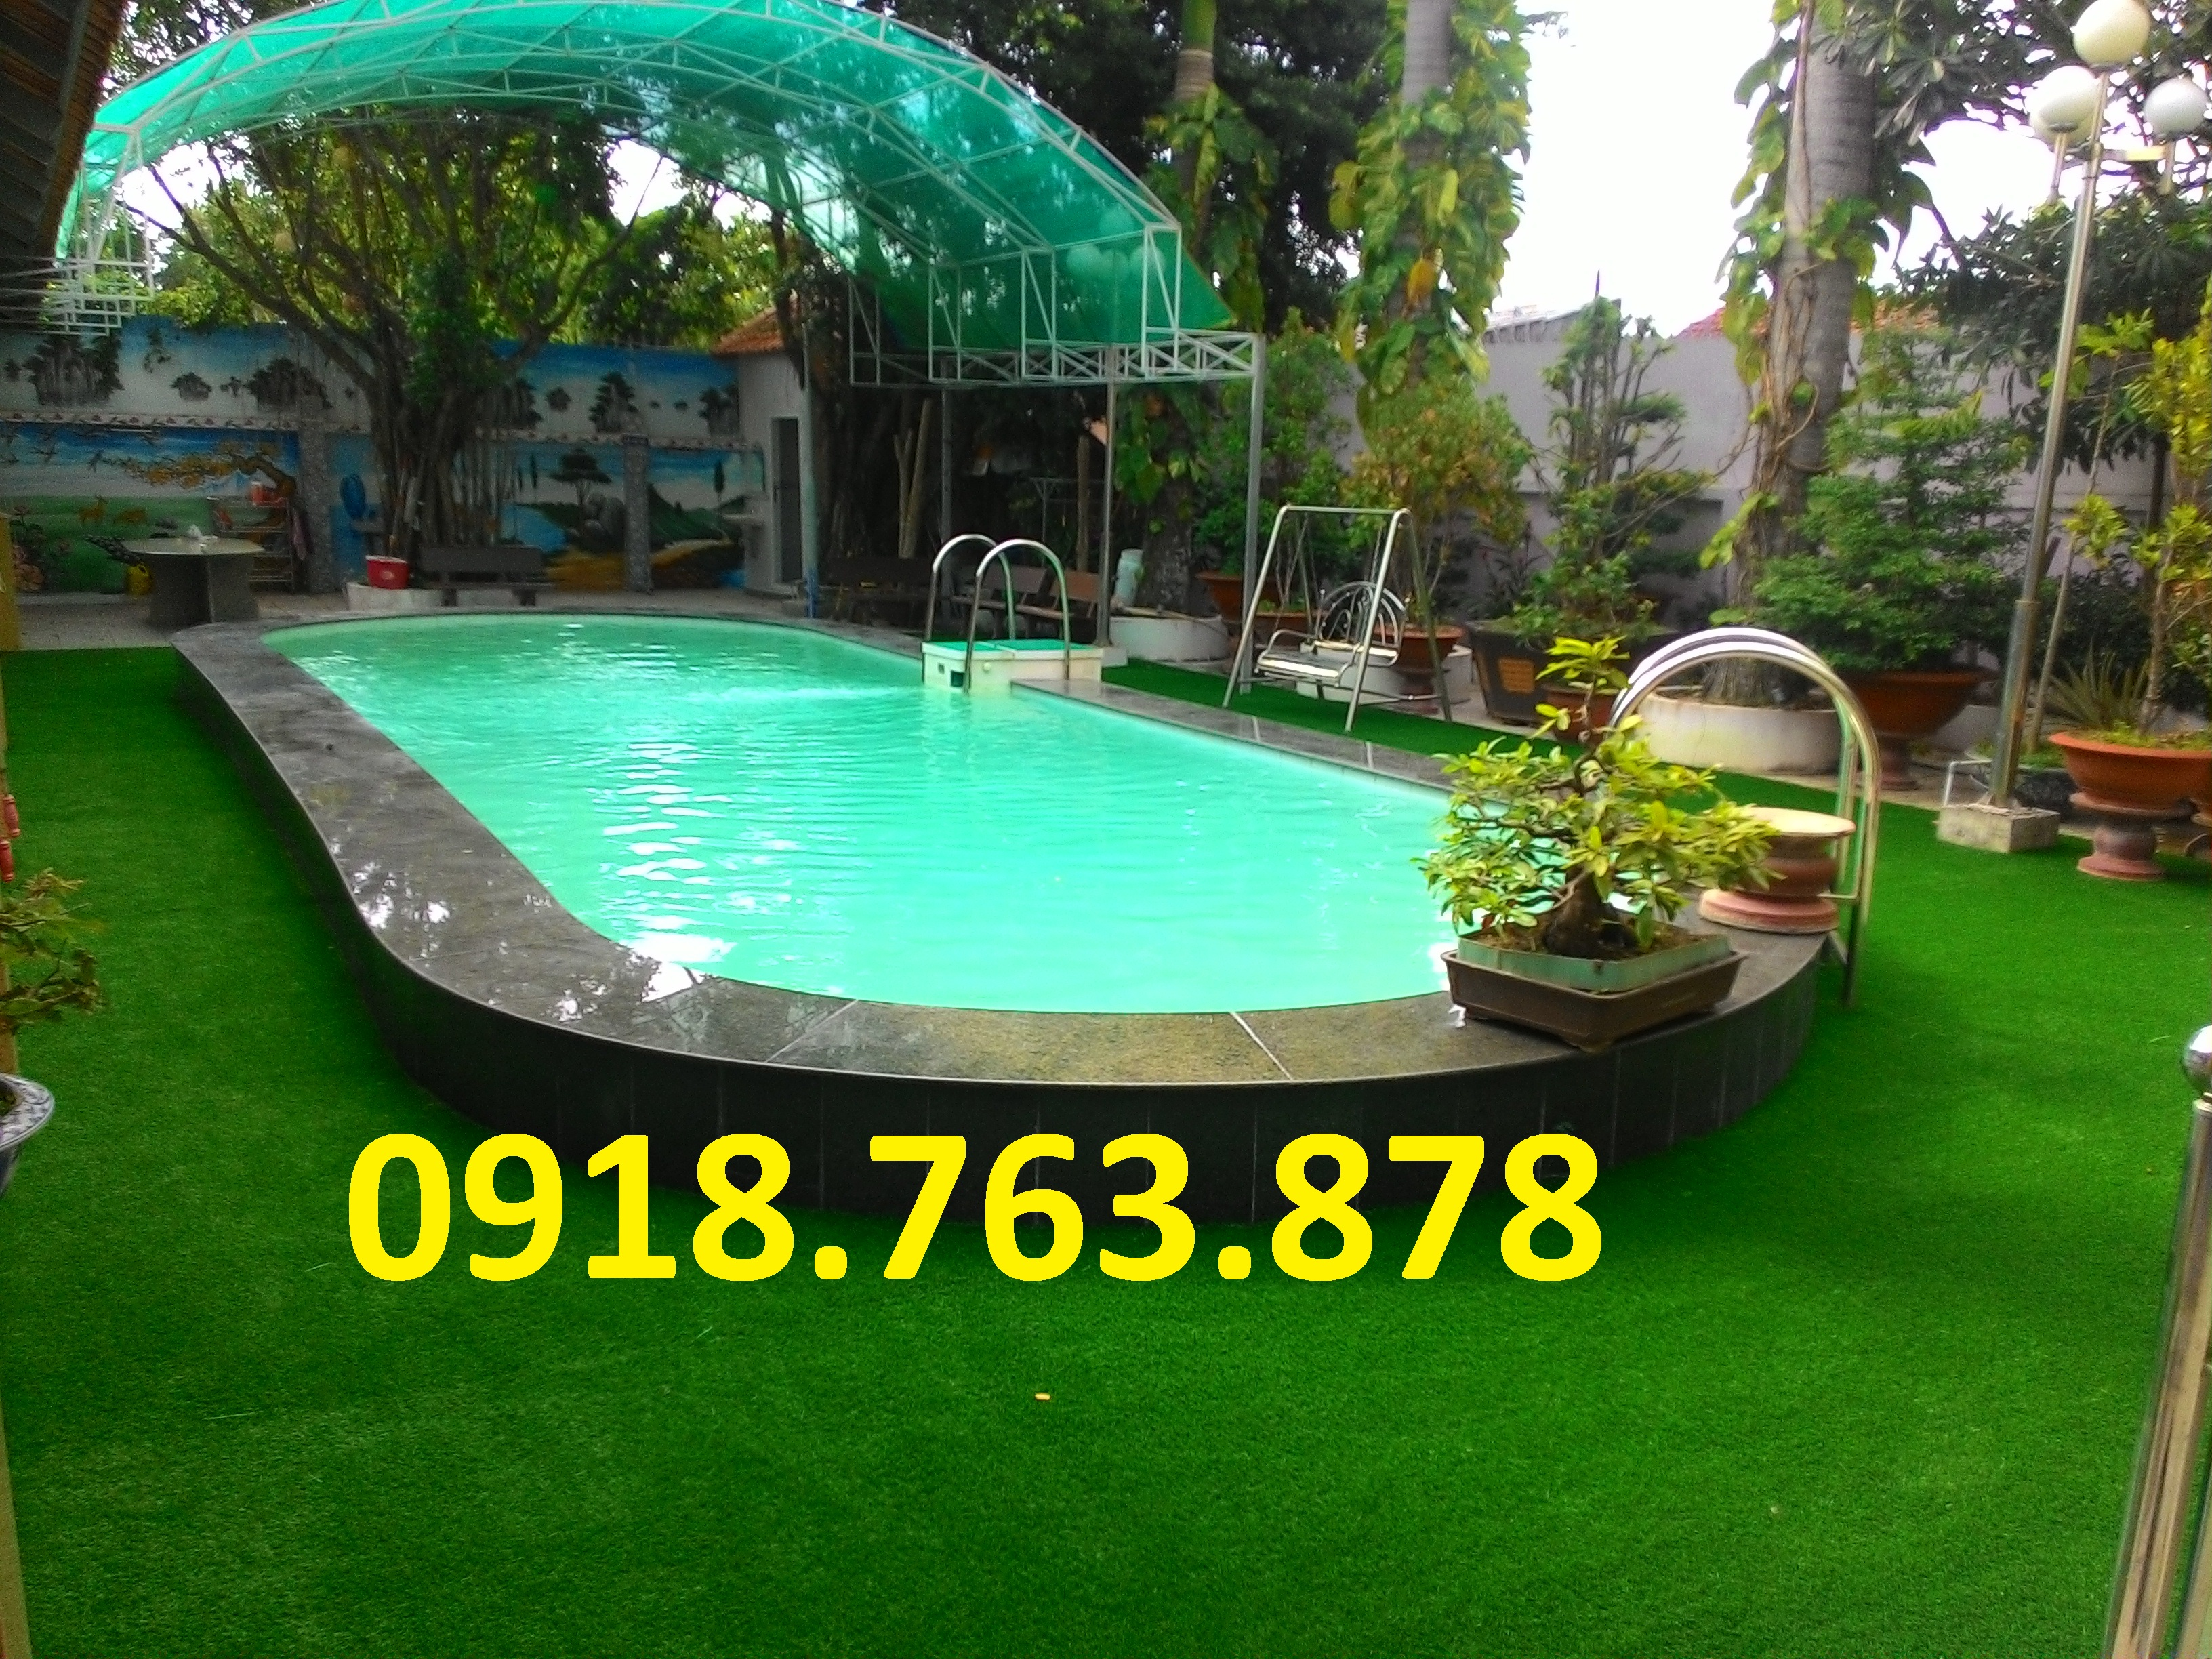 Thi công cỏ nhân tạo trang trí hồ bơi tại Long Xuyên An Giang